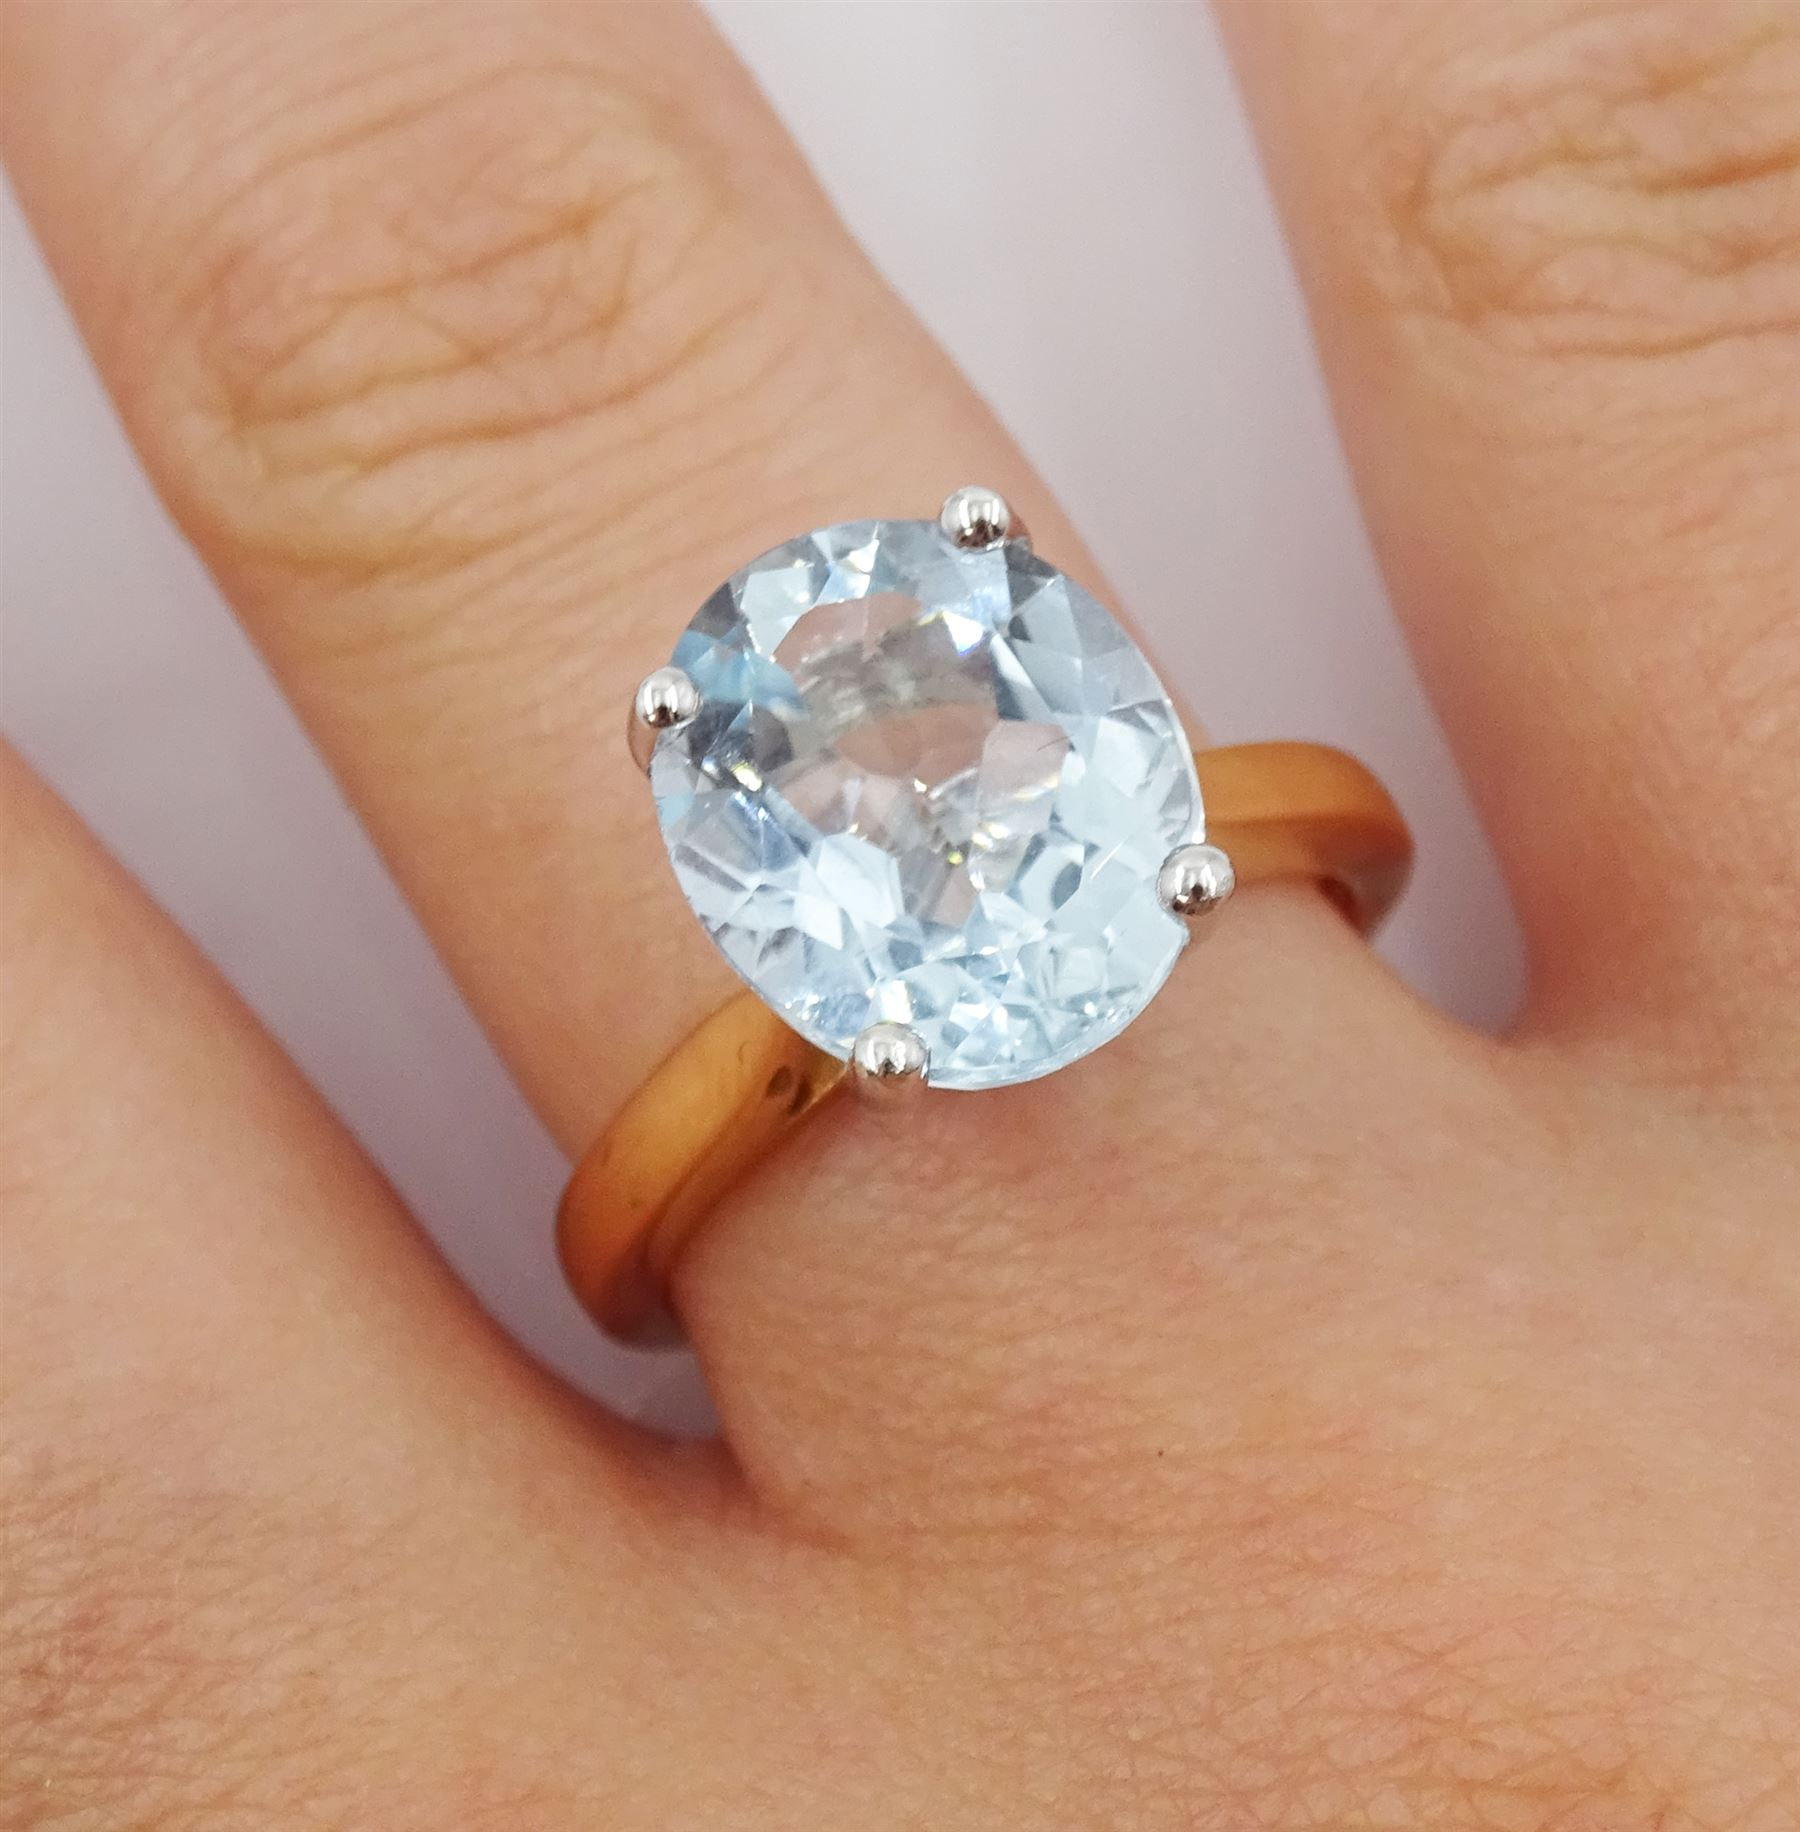 18ct rose gold single stone oval aquamarine ring - Image 2 of 4